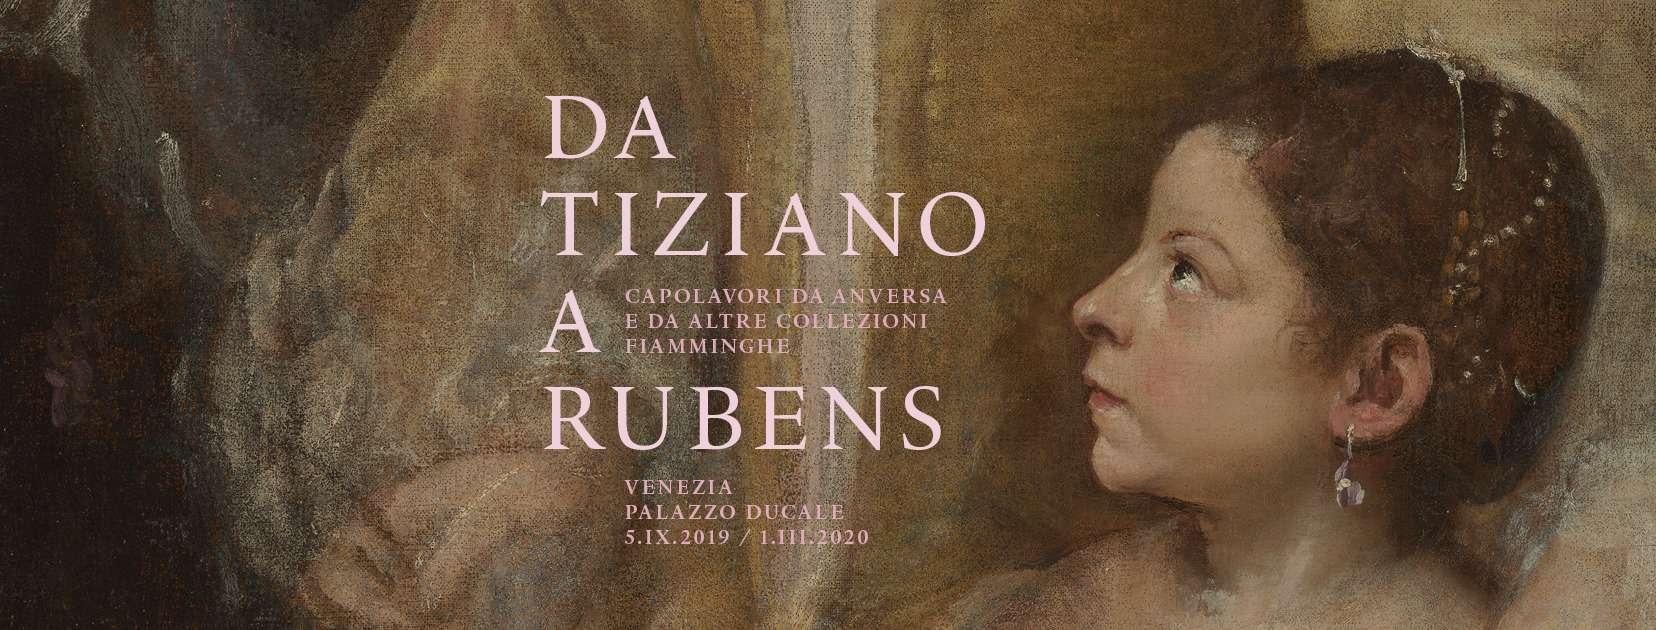 Da Tiziano a Rubens. Capolavori da Anversa e da altre collezioni fiamminghe in mostra a Palazzo Ducale